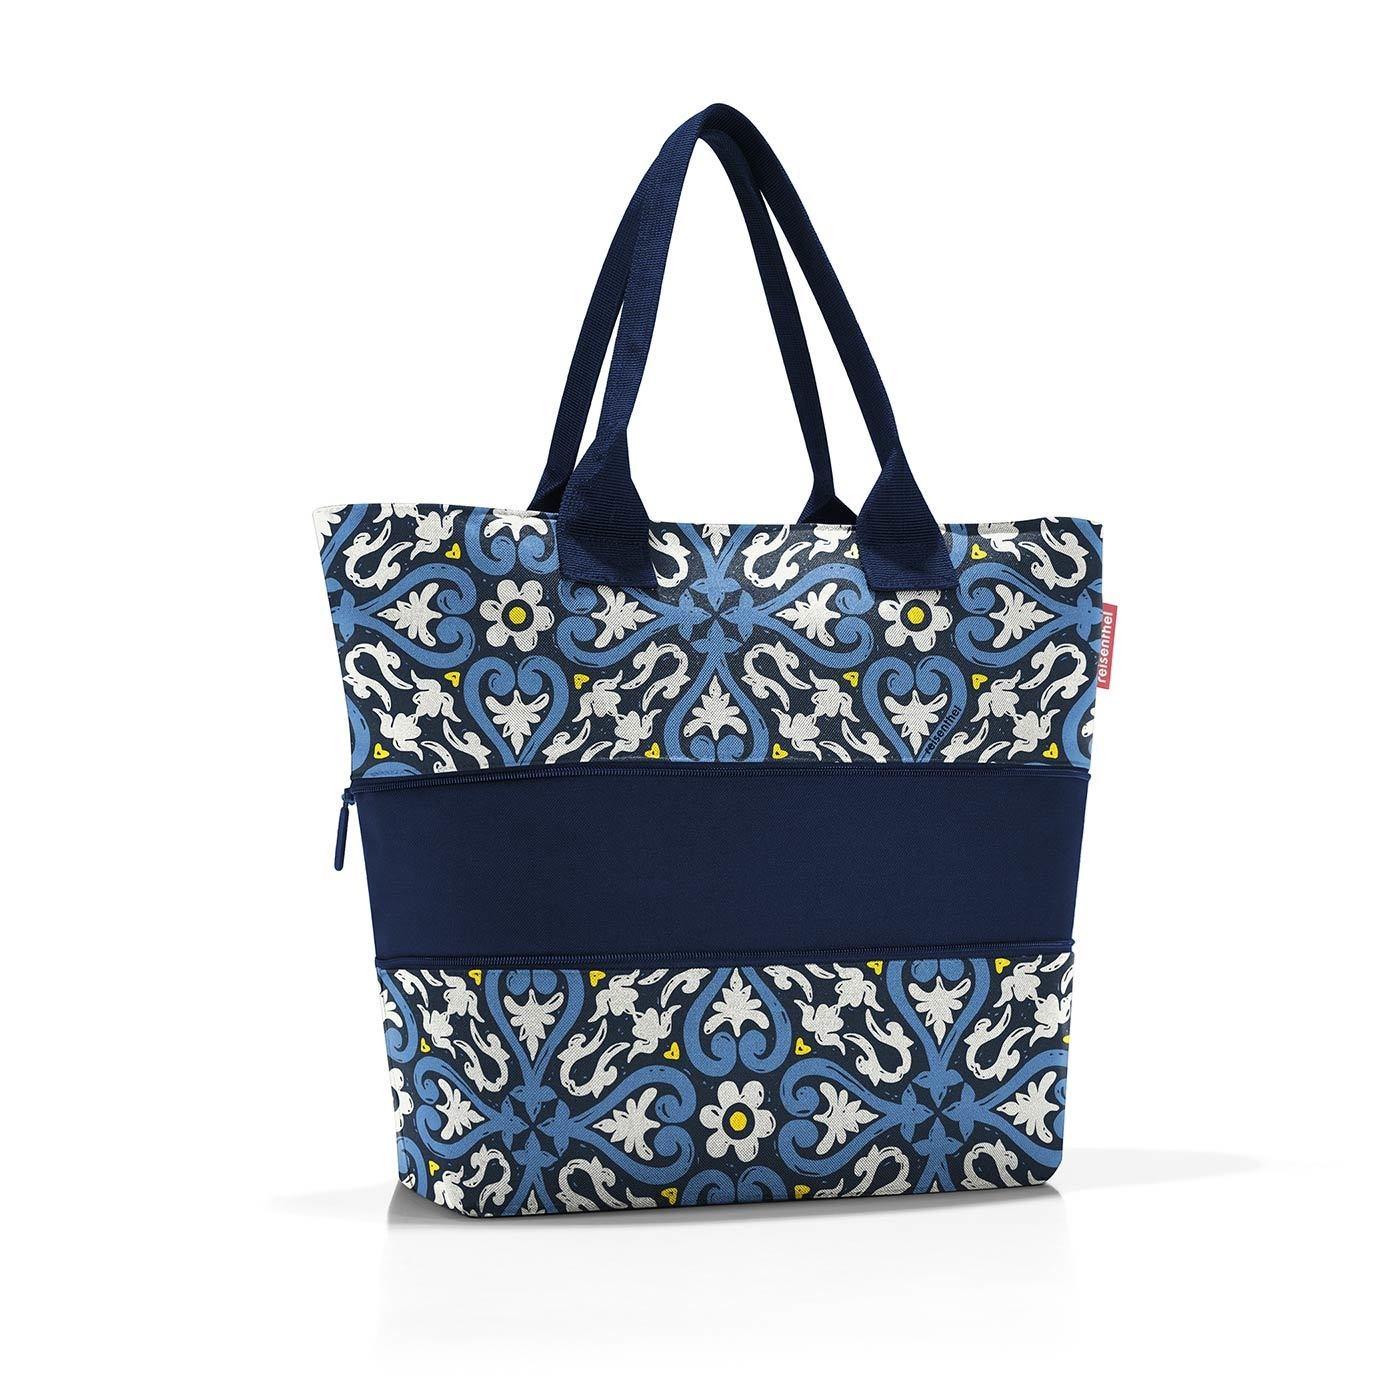 Chytrá taška přes rameno Shopper e1 floral 1_0